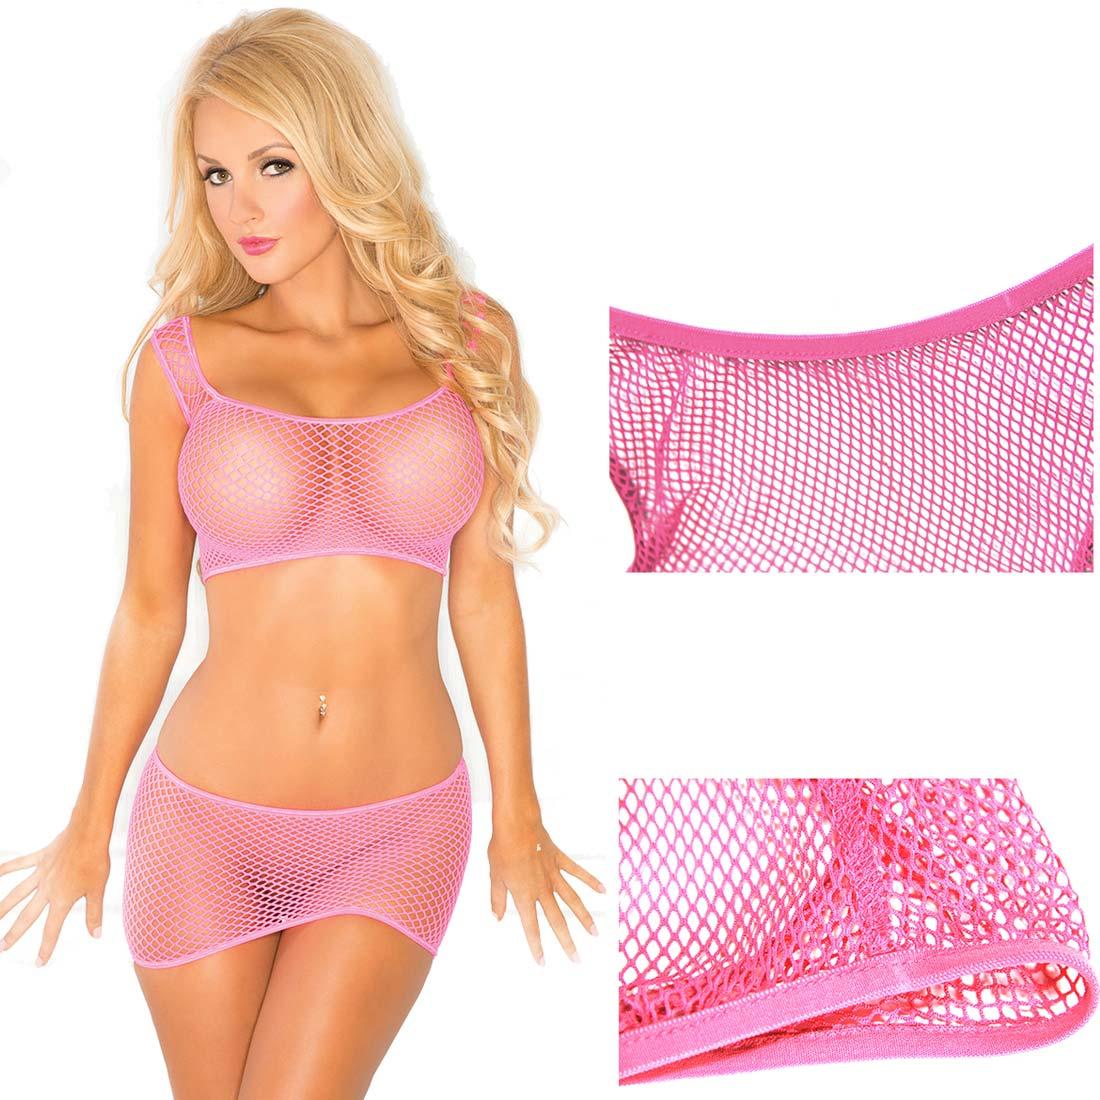 Women Sexy Lingerie Babydoll Tops Sleepwear Mesh Bra Panty Skirt ...